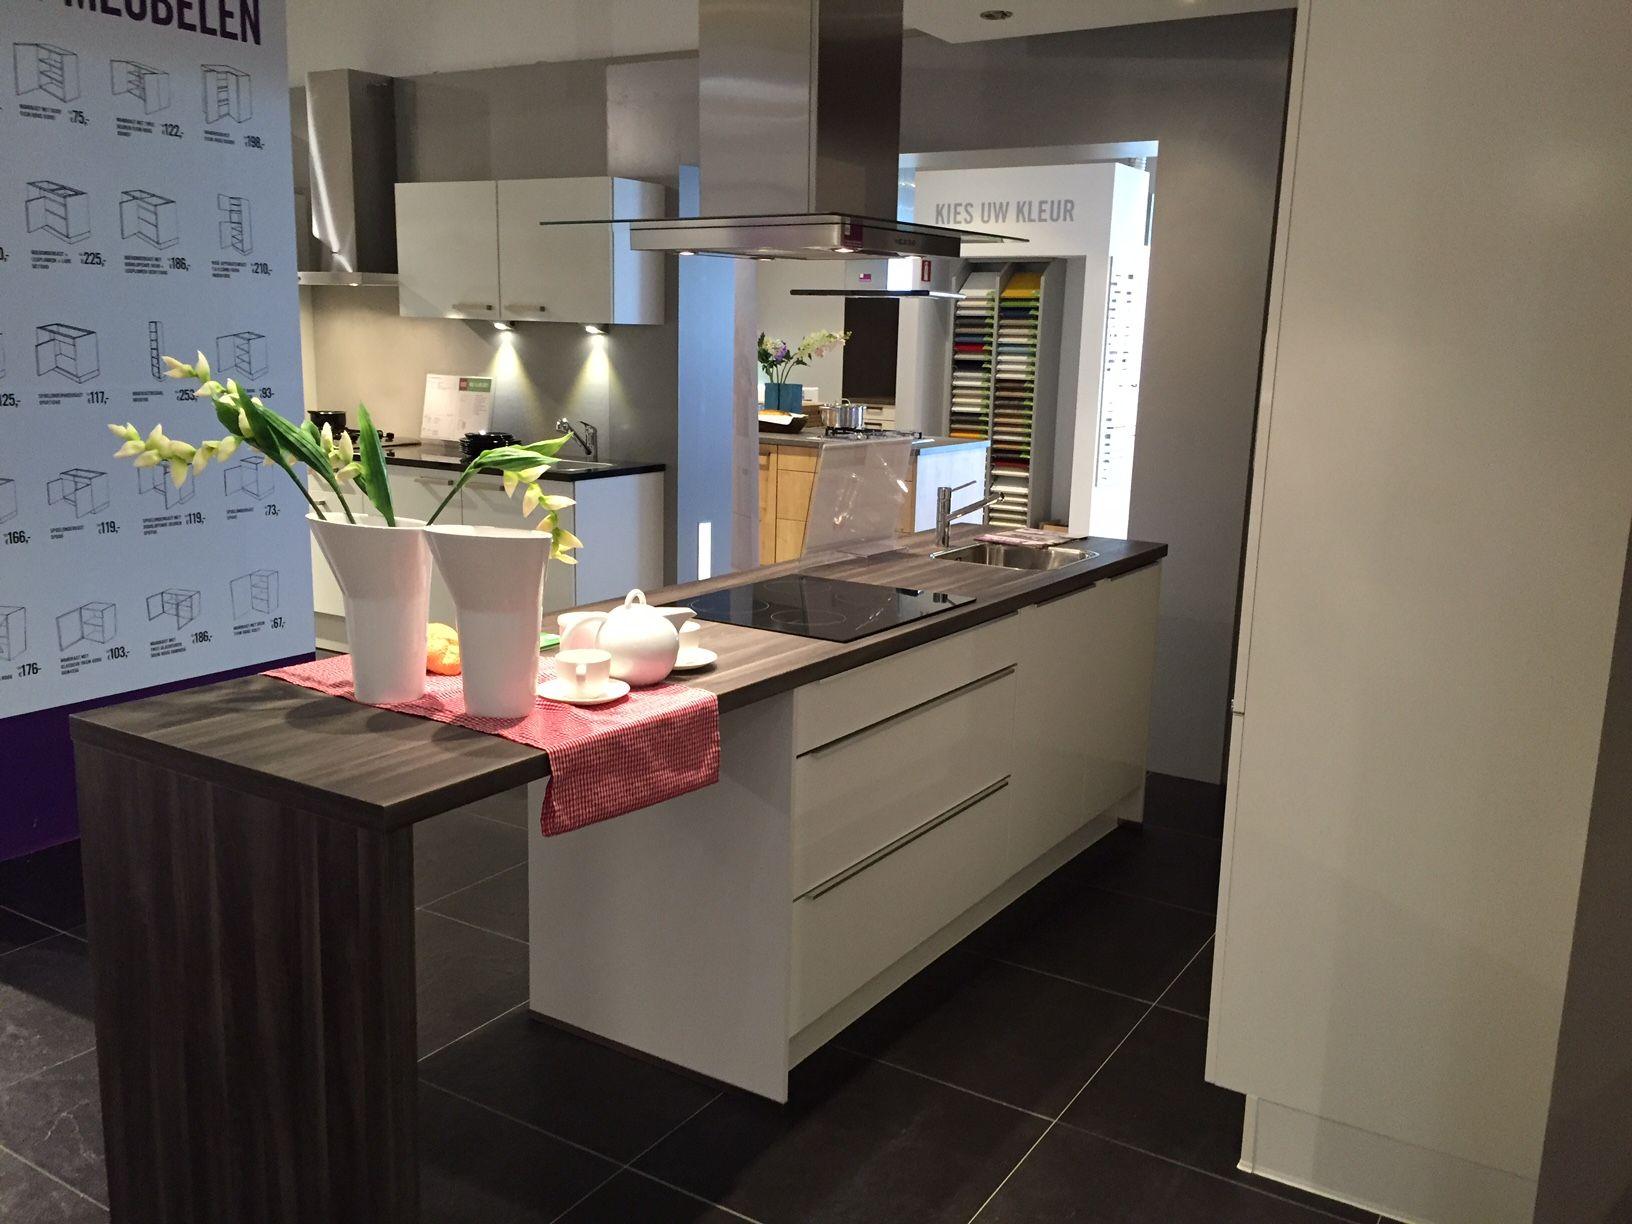 Showroomkeukens alle showroomkeuken aanbiedingen uit nederland keukens voor zeer lage keuken - Afbeelding moderne keuken ...